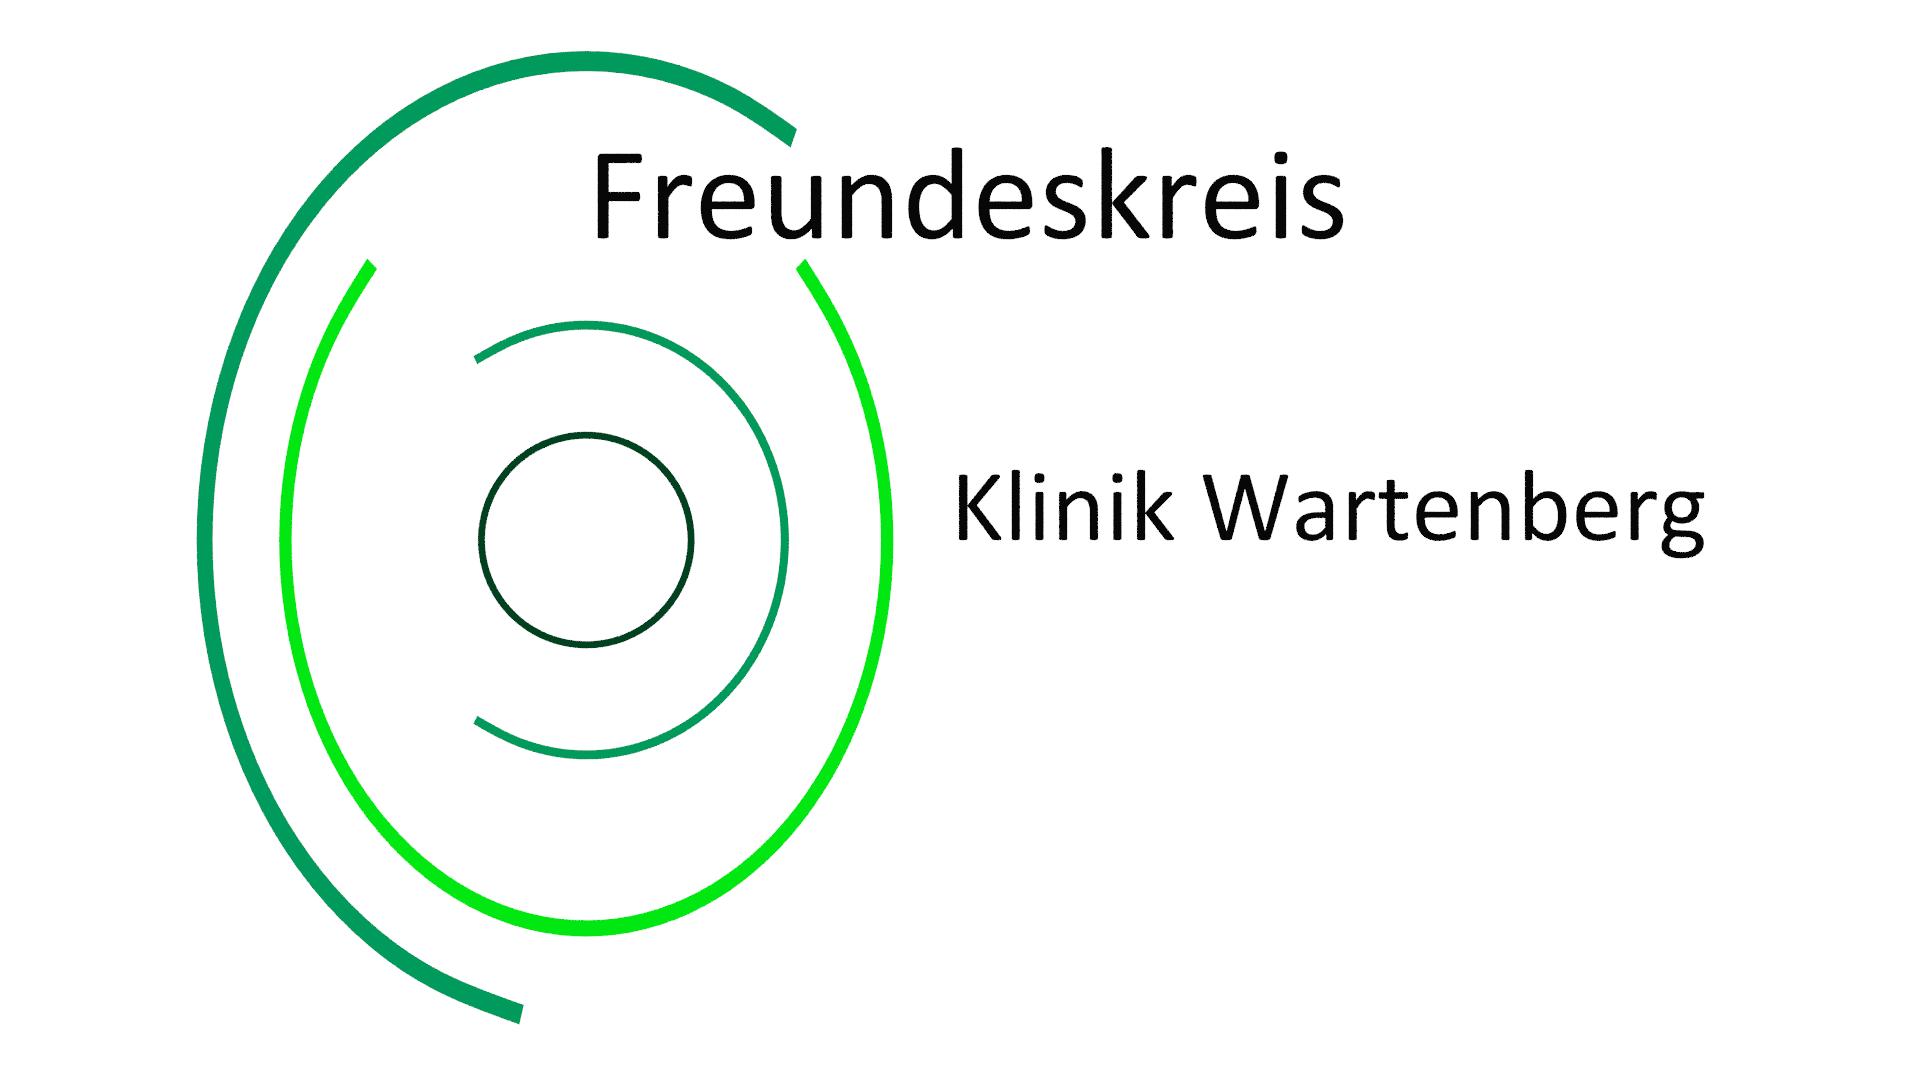 Freundeskreis Klinik Wartenberg e.V.